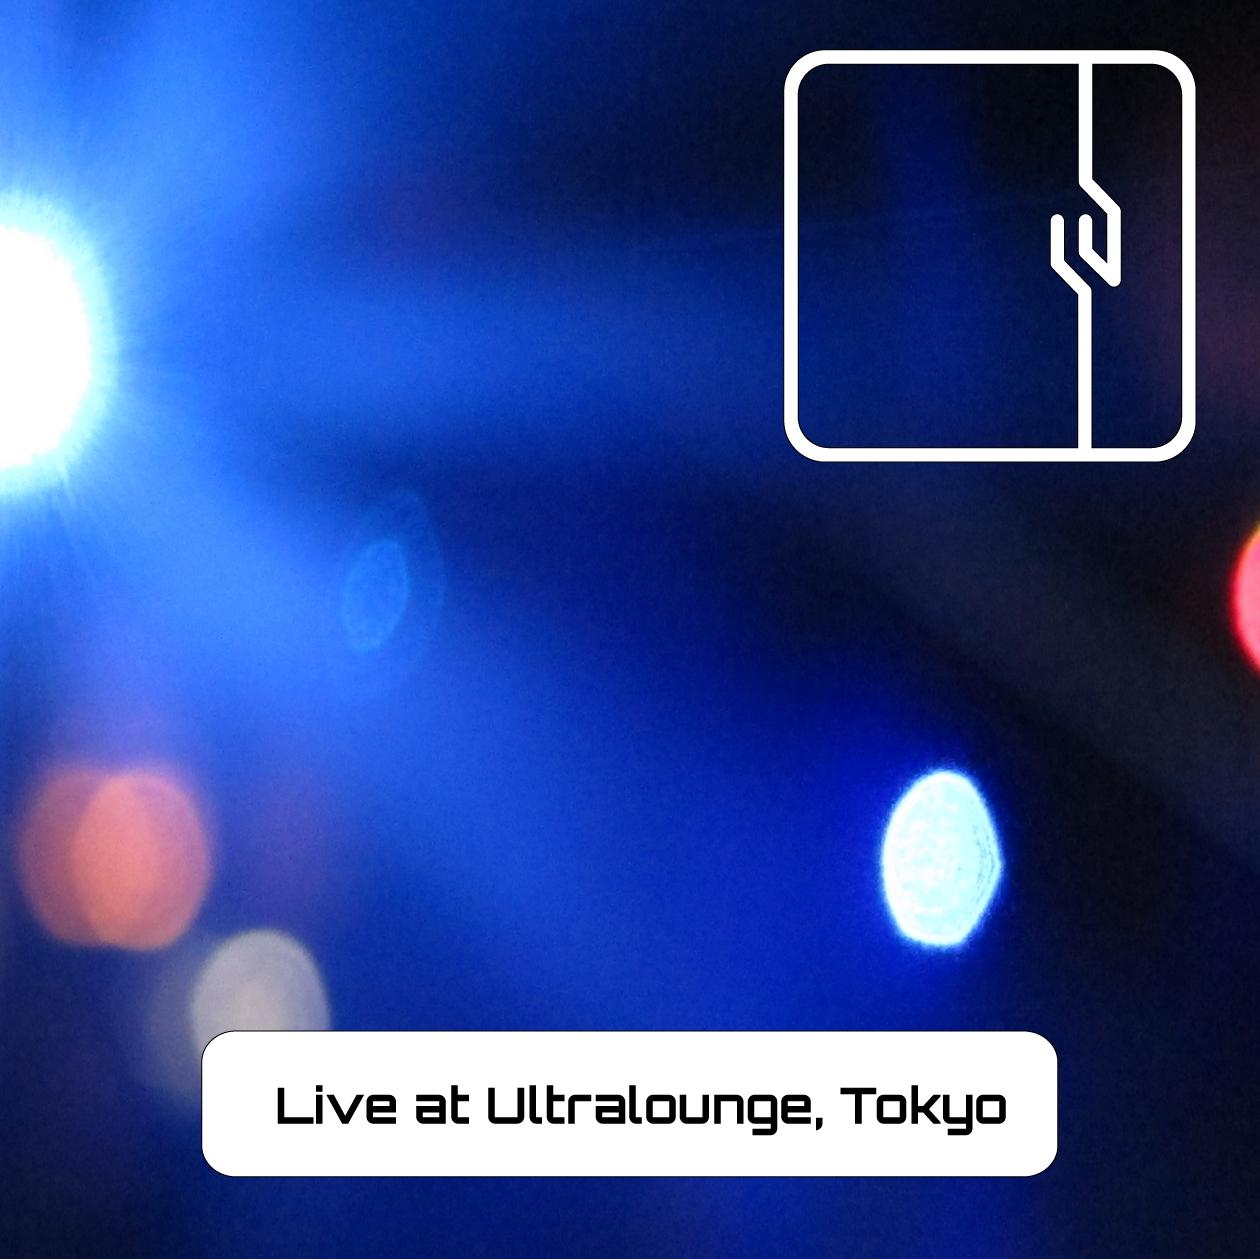 Ultralounge-Live-Set-Artwork